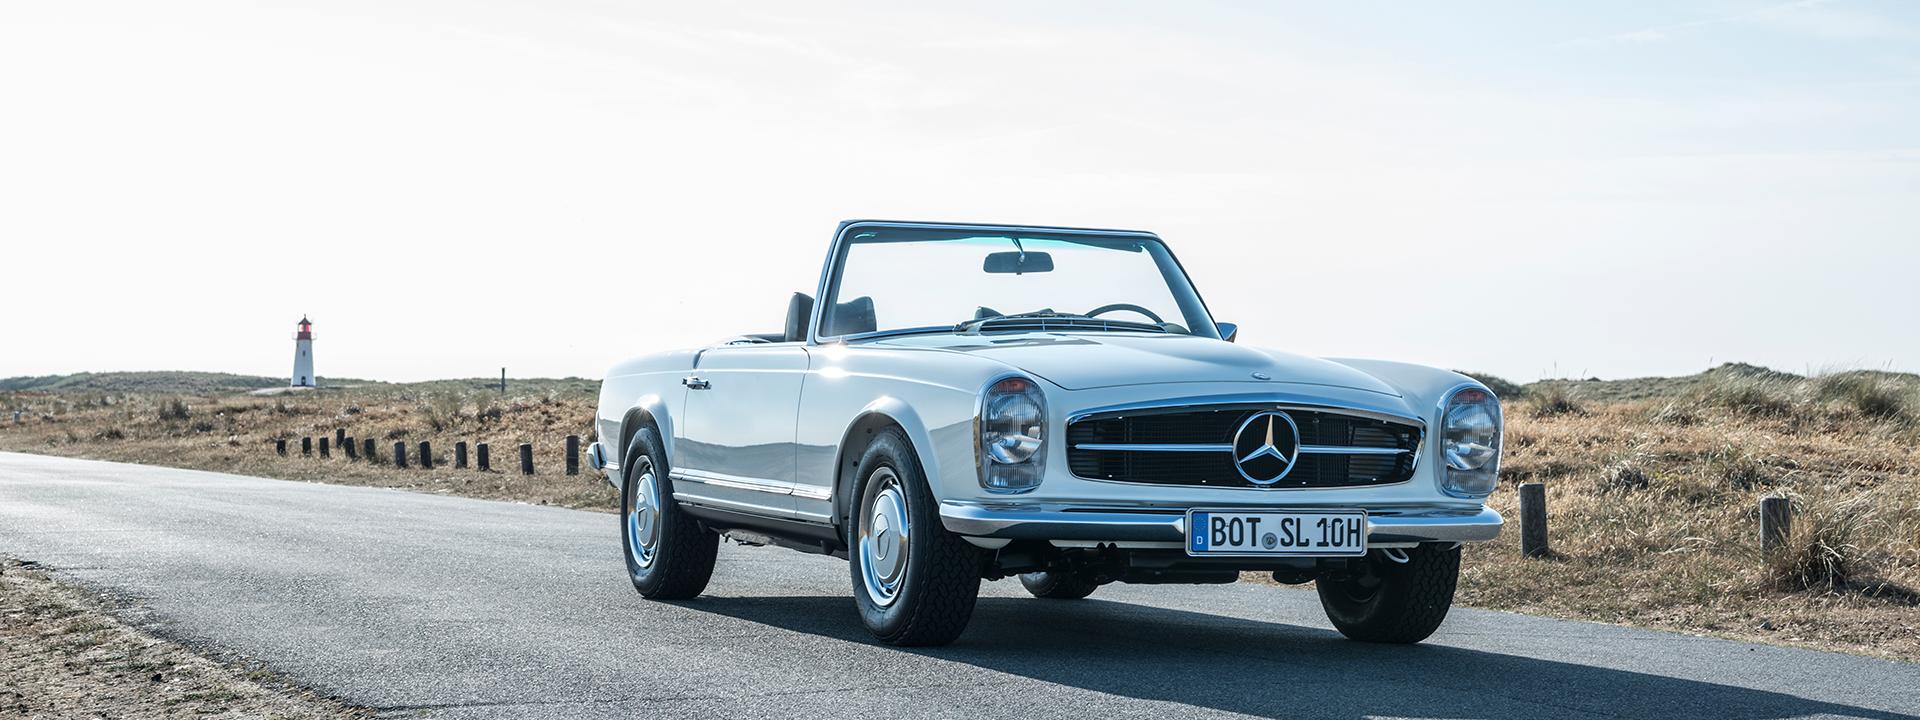 Classic Cars - BRABUS